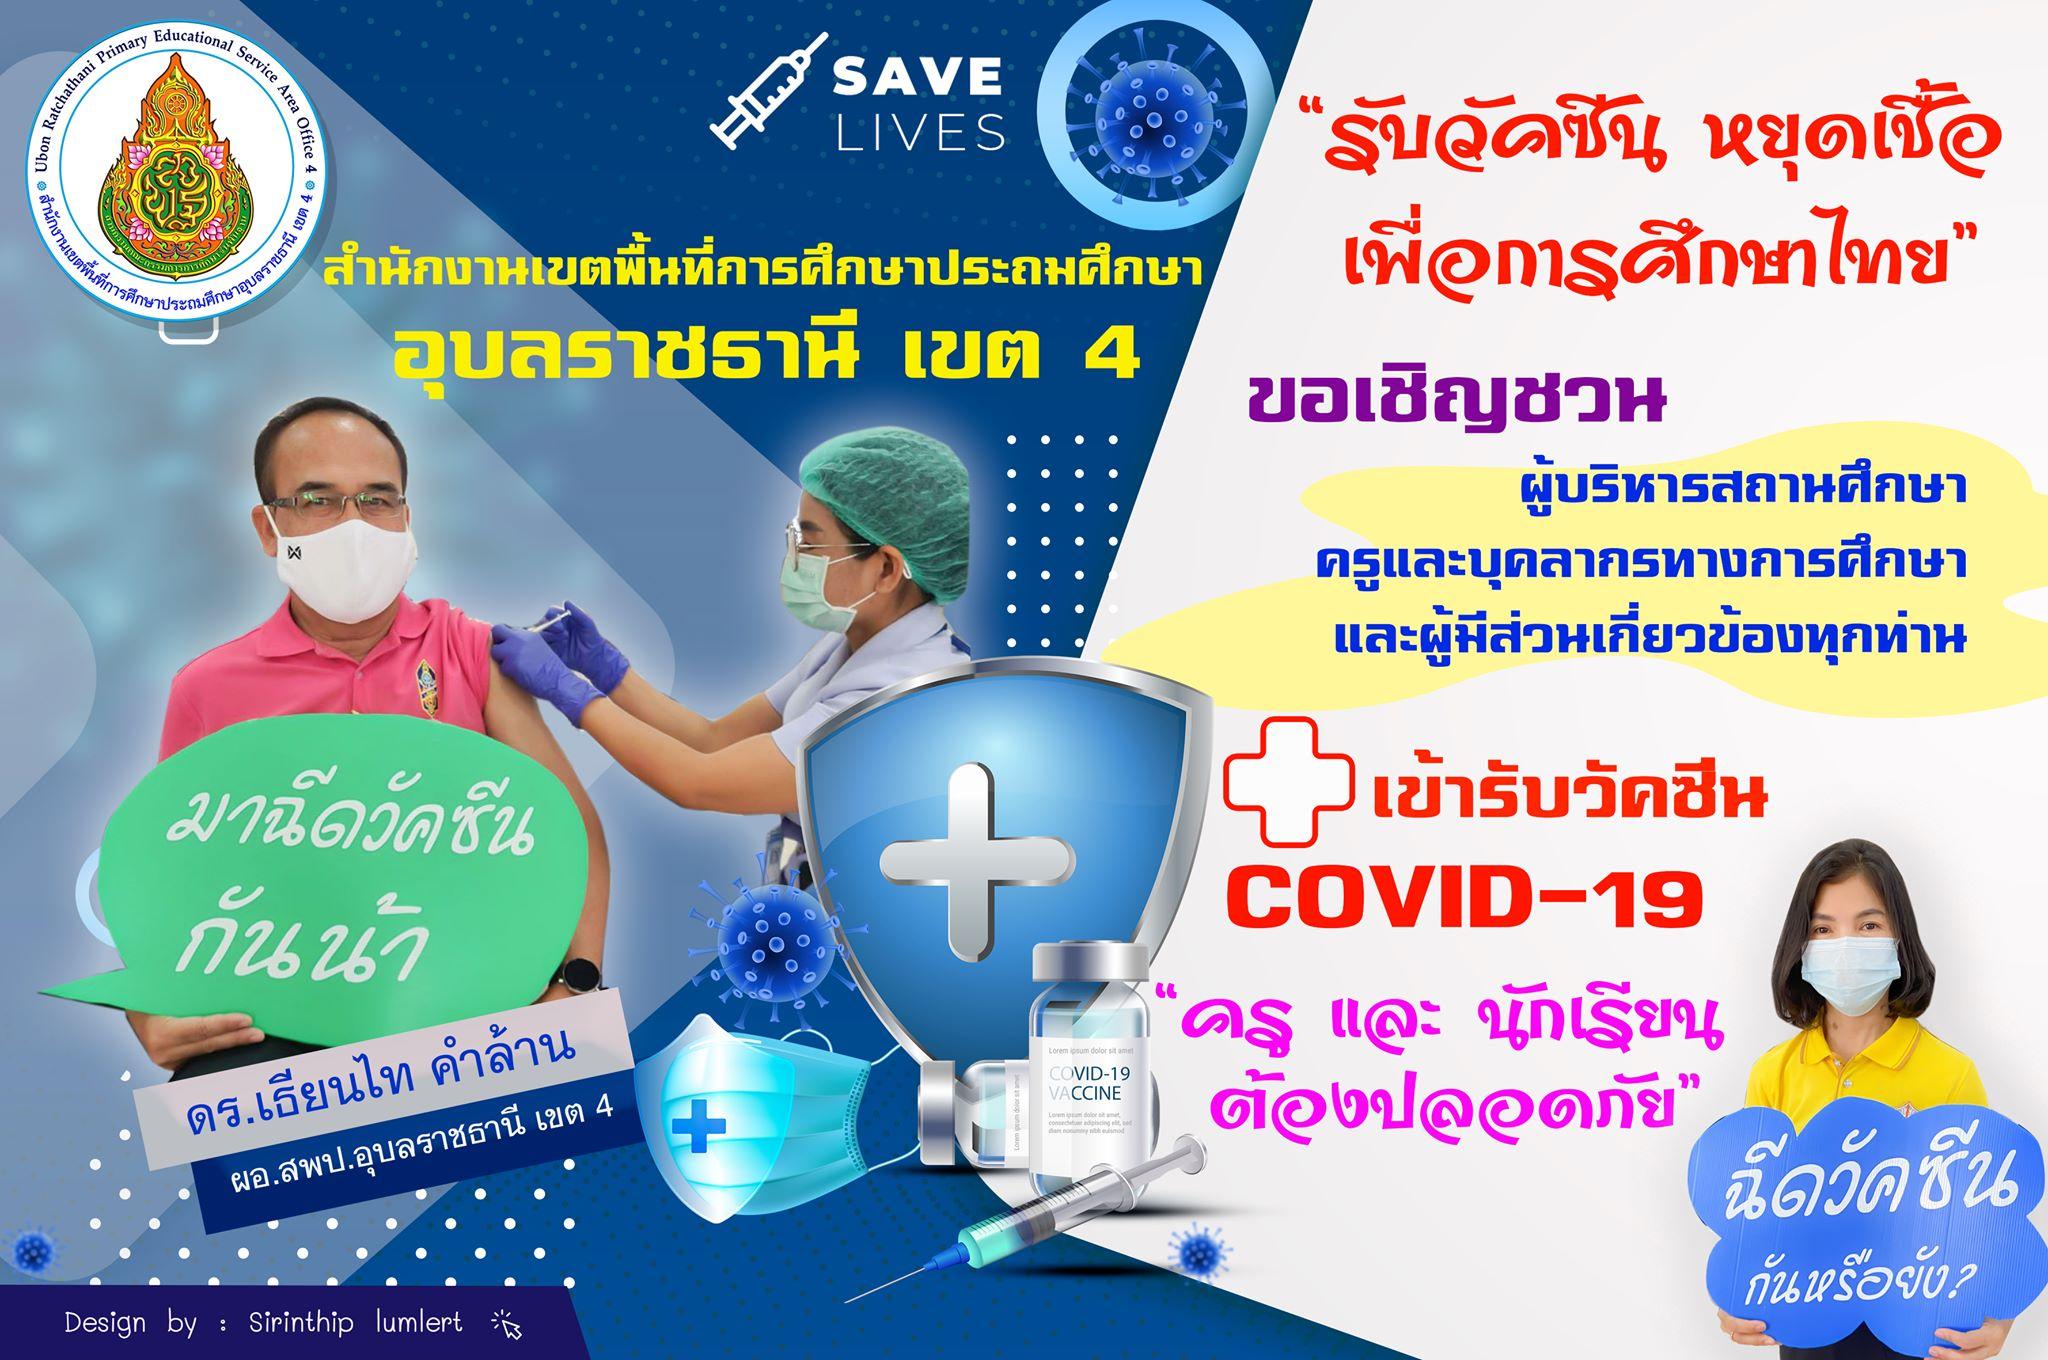 ขอเชิญชวนผู้บริหาร ครู บุคลากรทางการศึกษา รับวัคซีน COVID-19